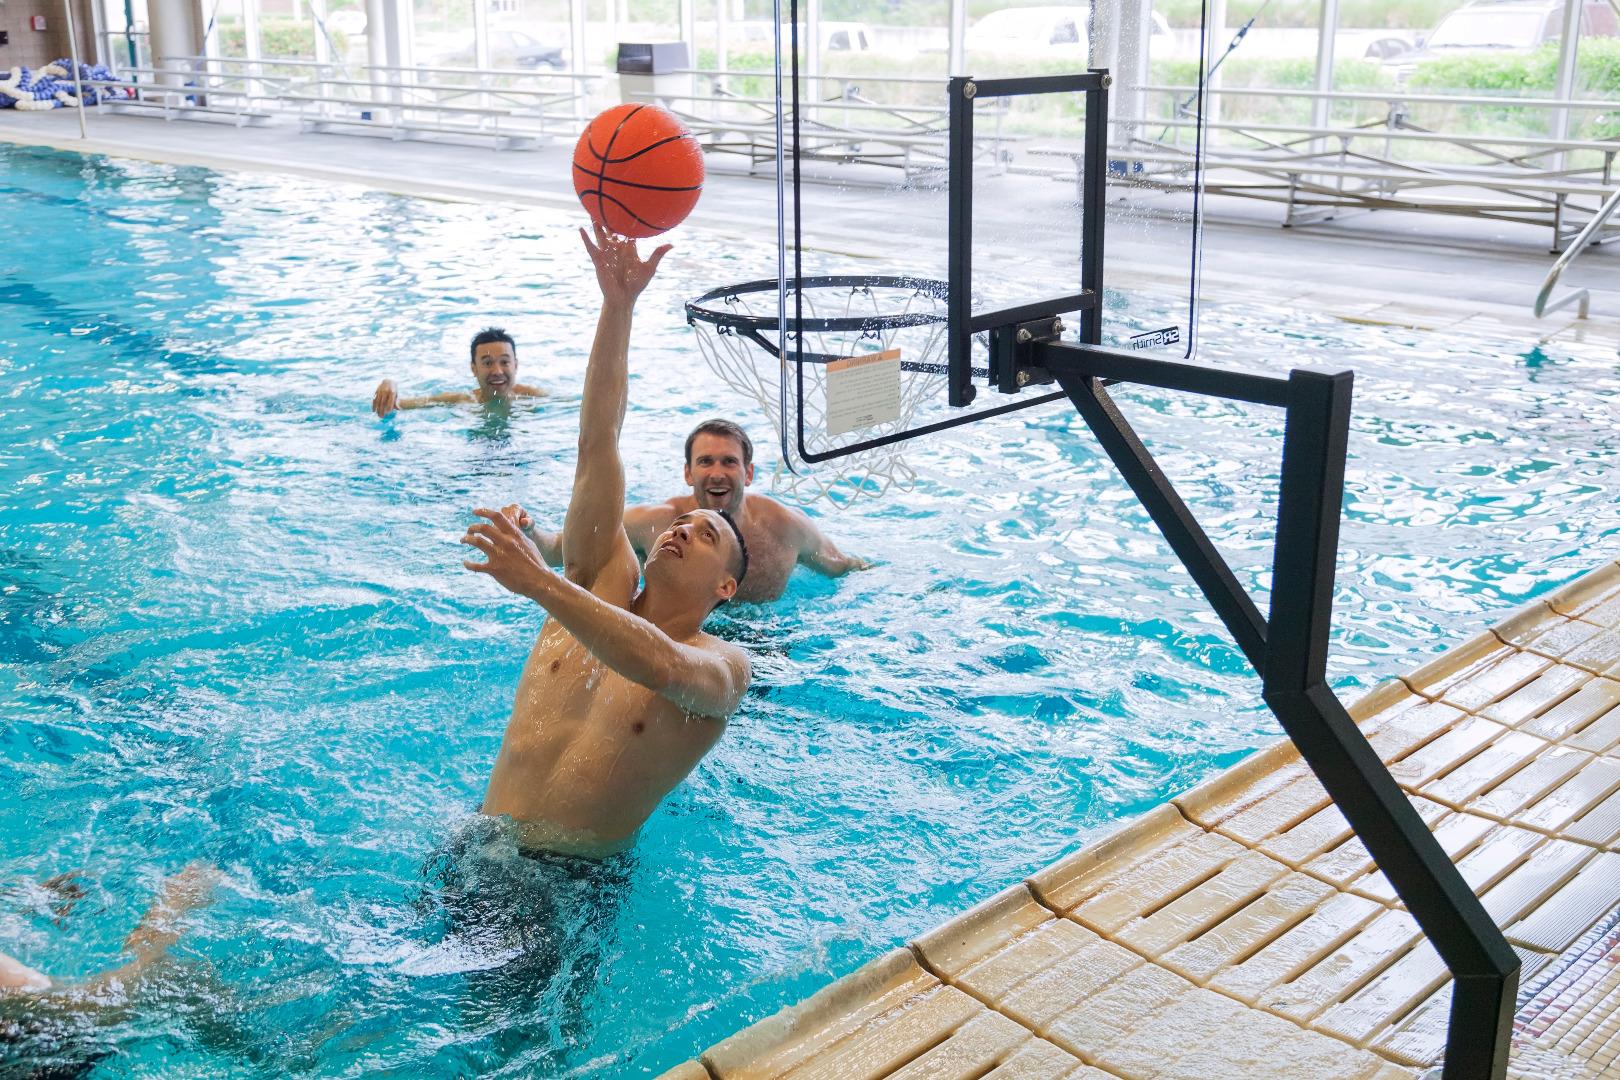 Fullsize Of Pool Basketball Hoop